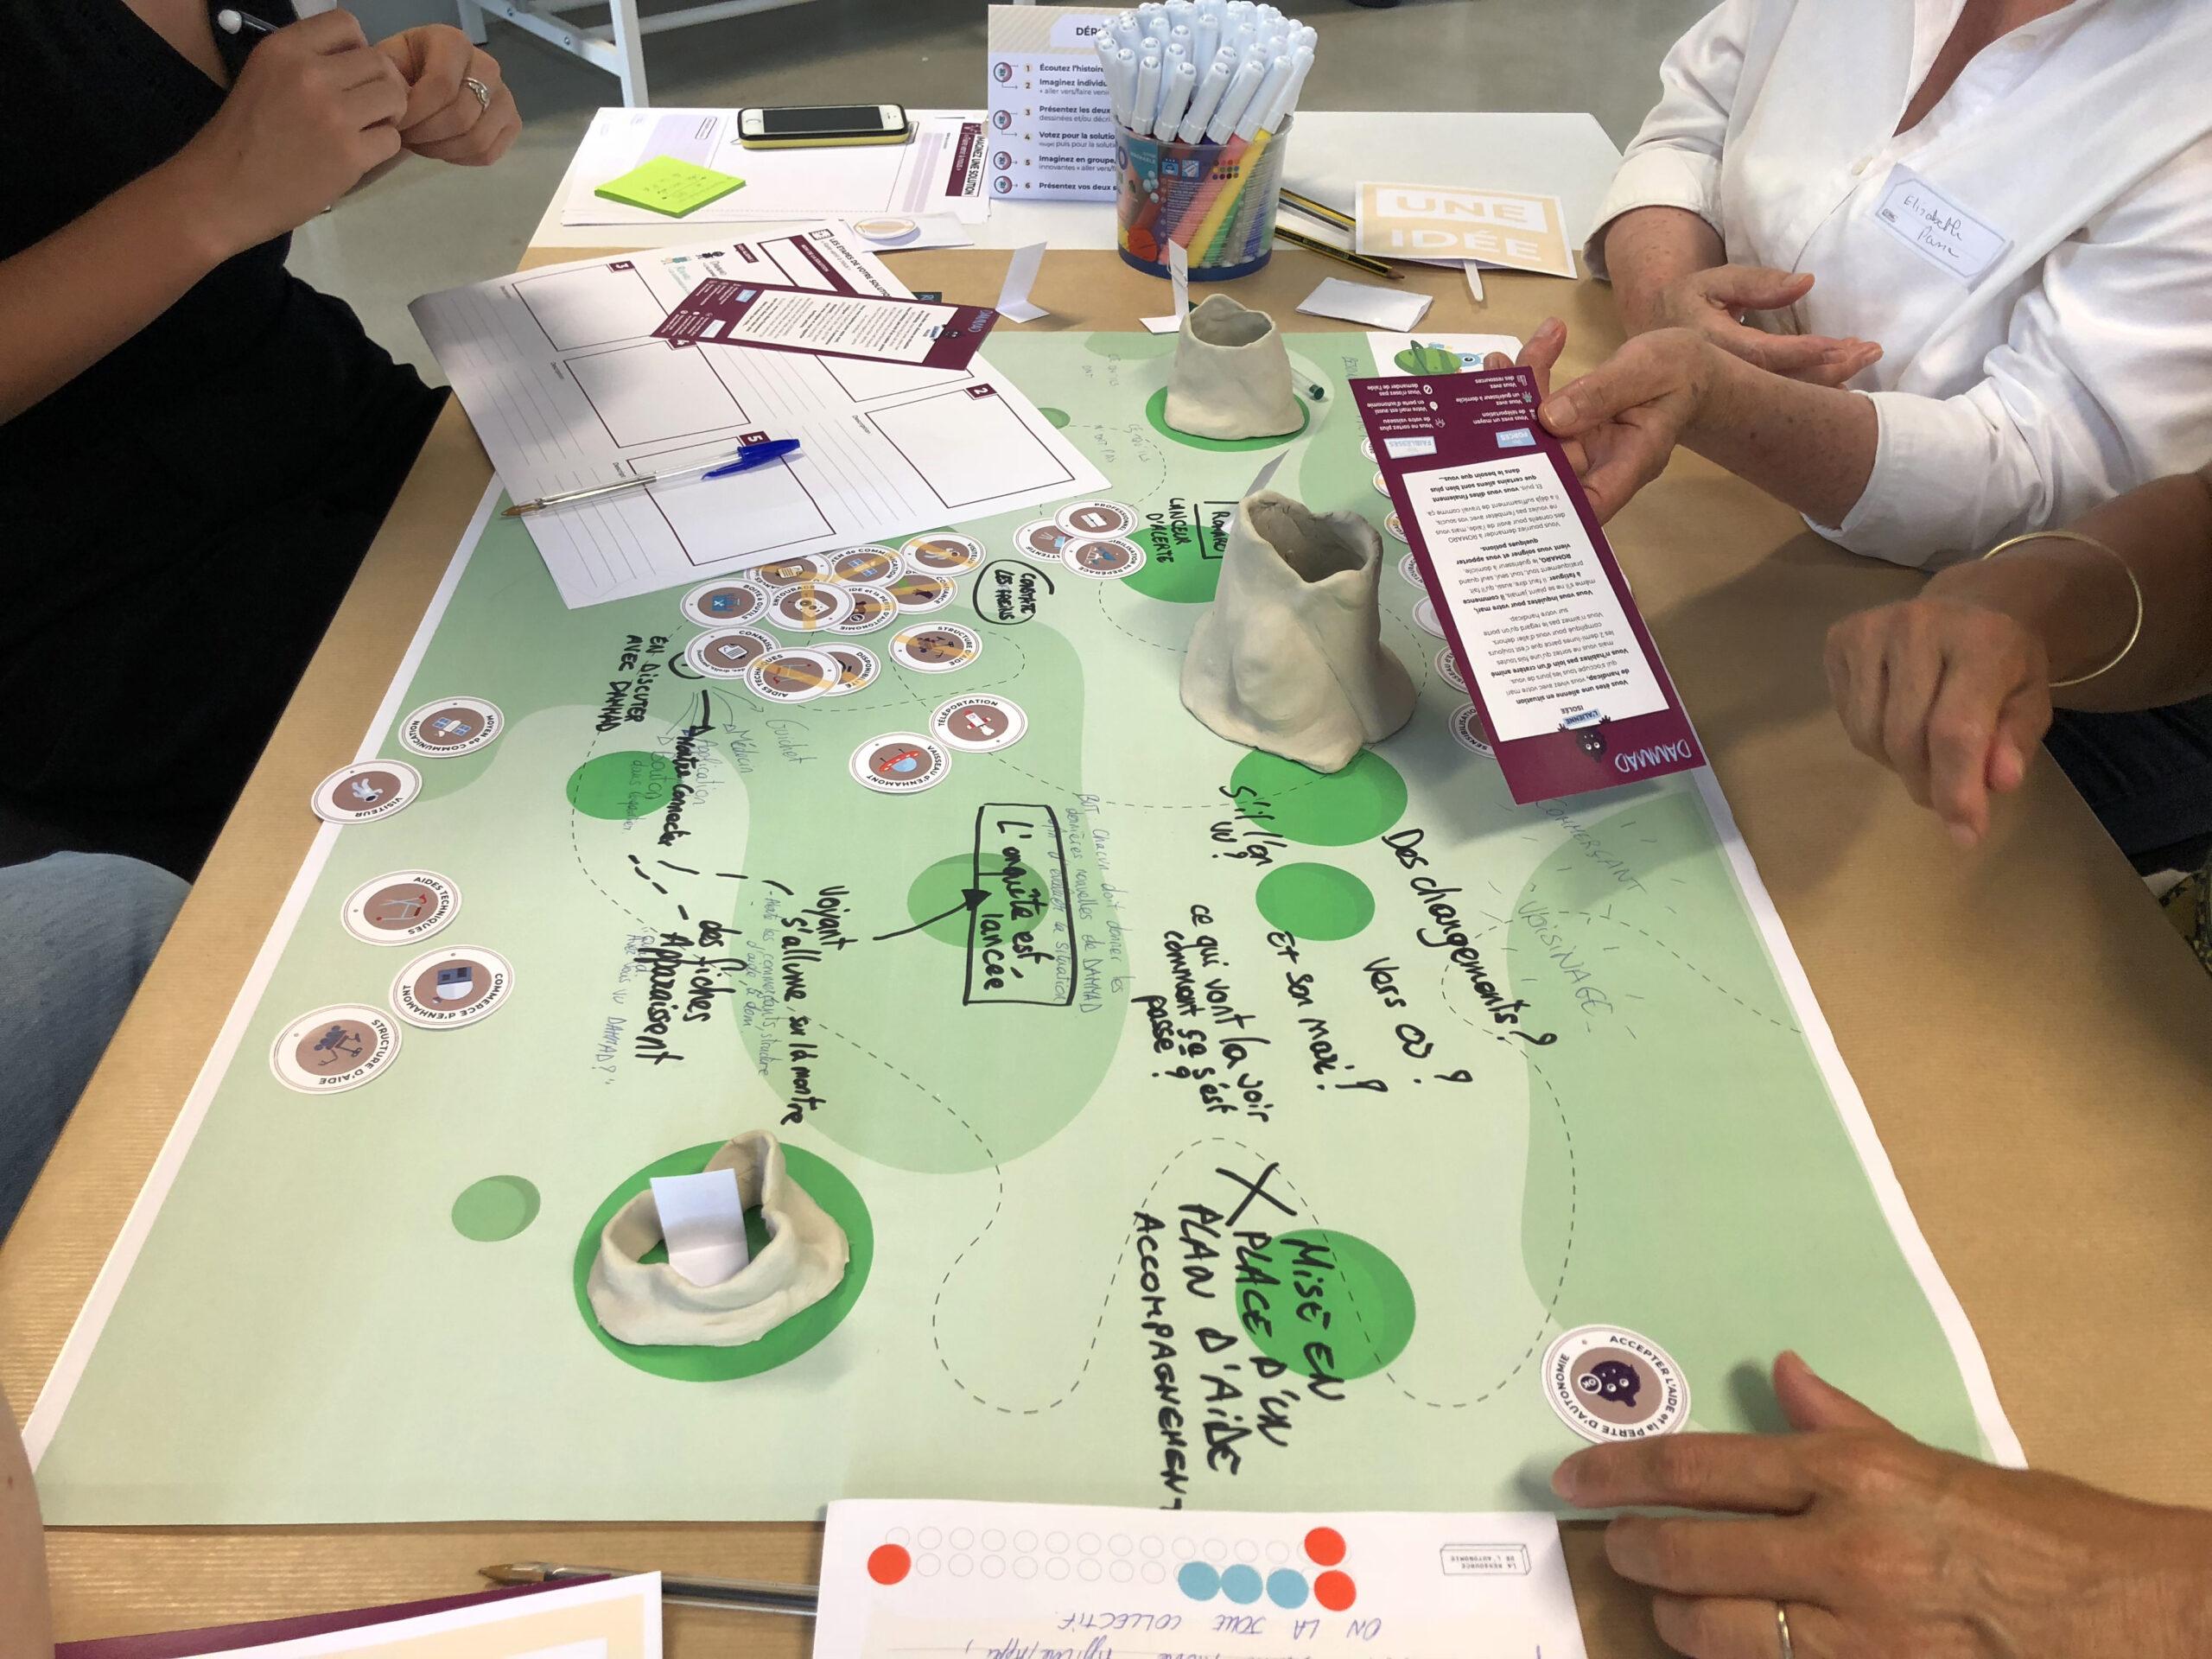 PROJEKT participe à France Design Week à Open Tourisme Lab